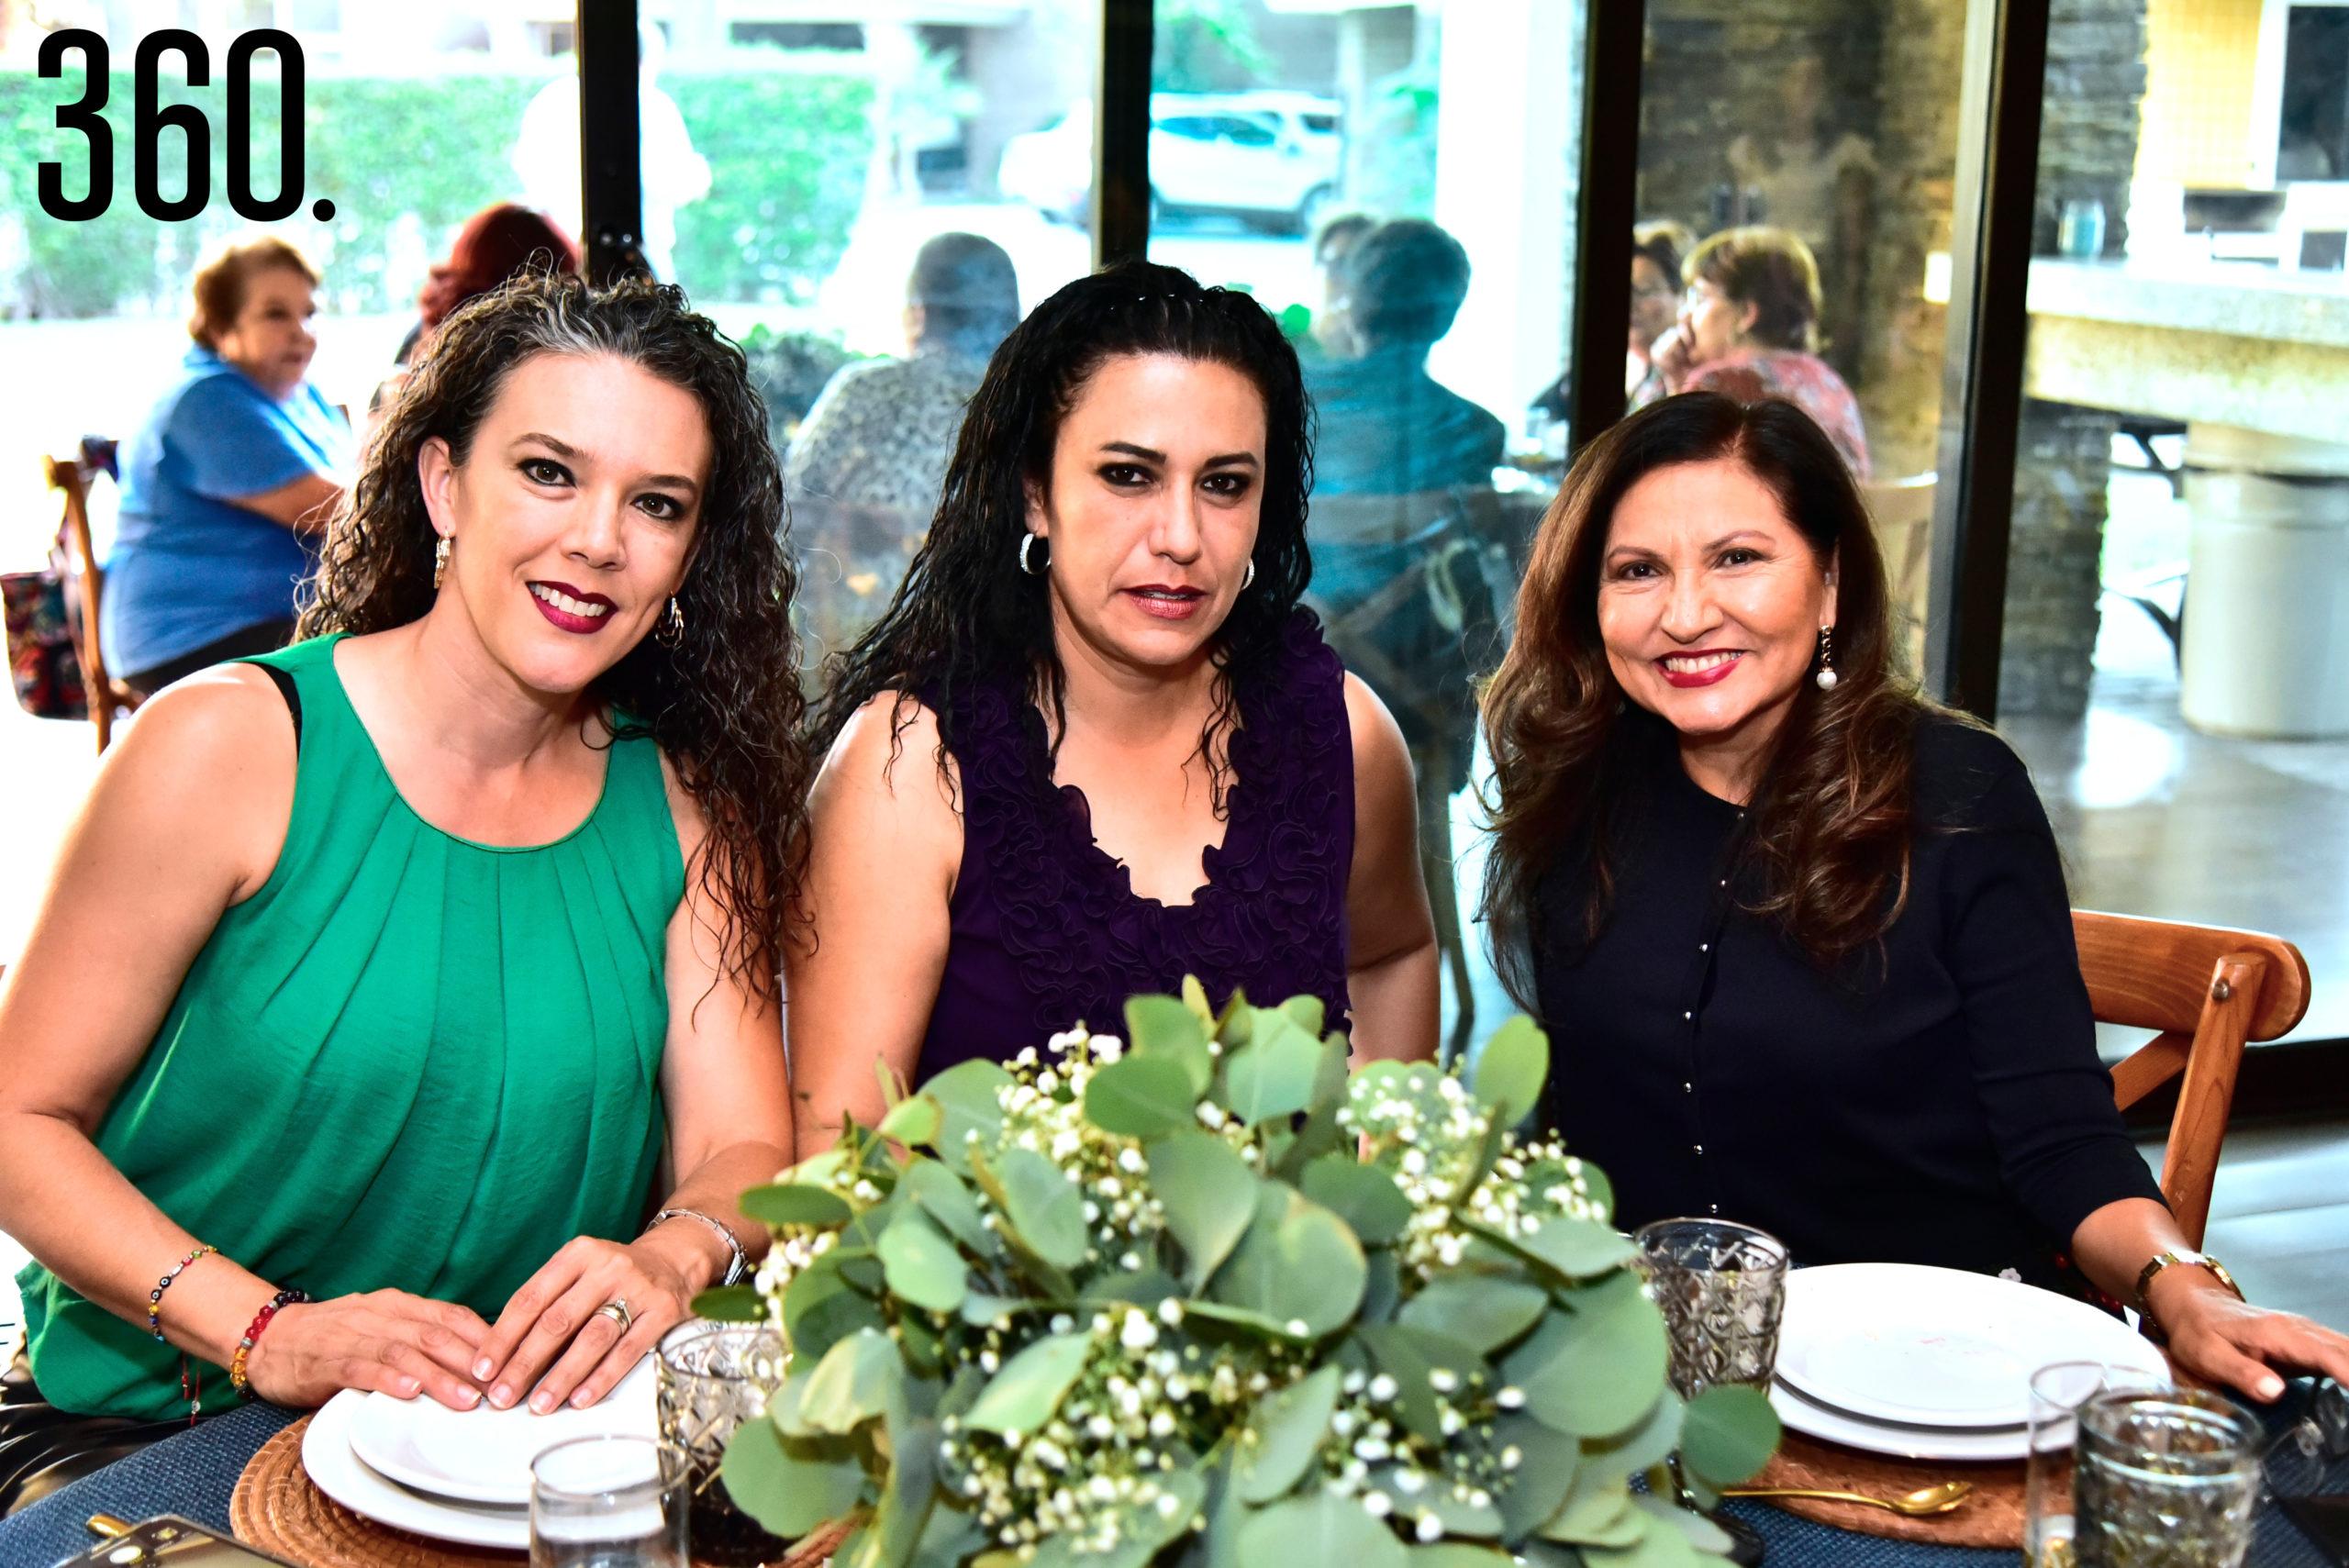 Sara Martínez de Coss, Carolina Martínez y Leticia Ruiz.